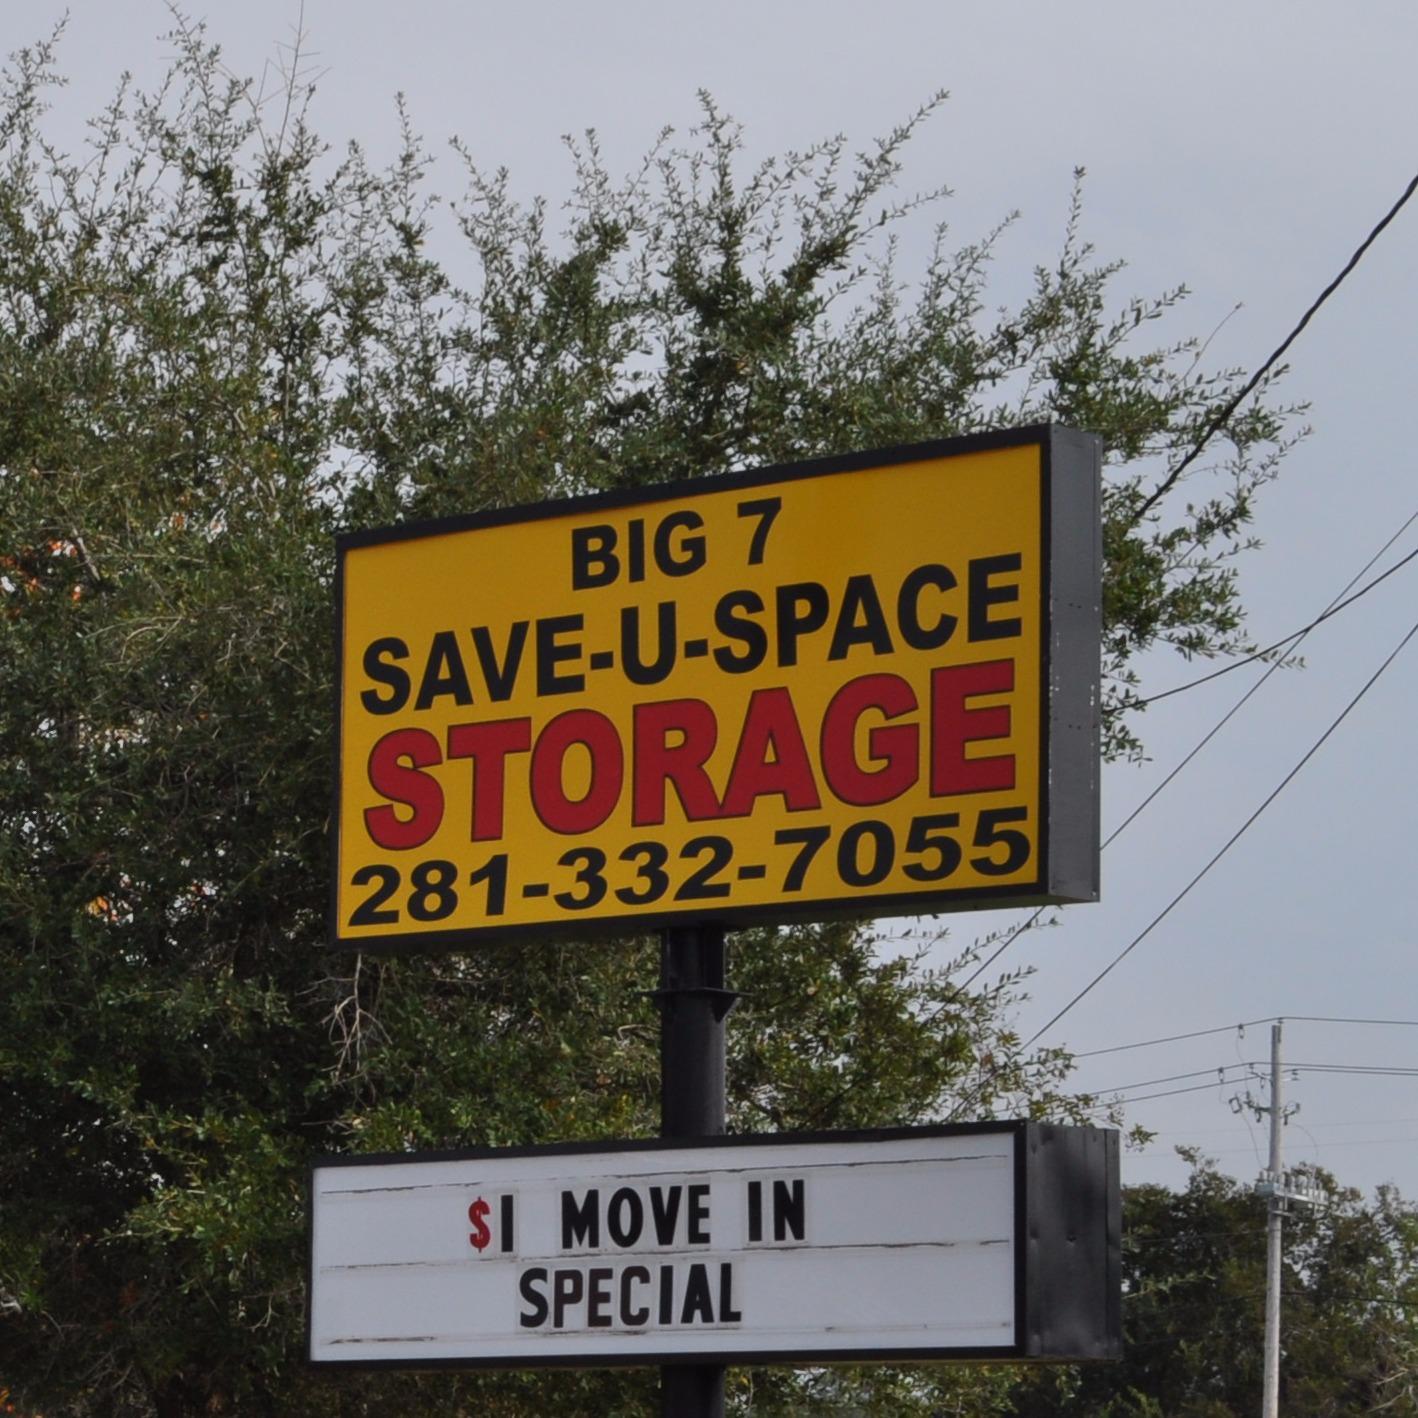 BIG 7 SAVE-U-SPACE